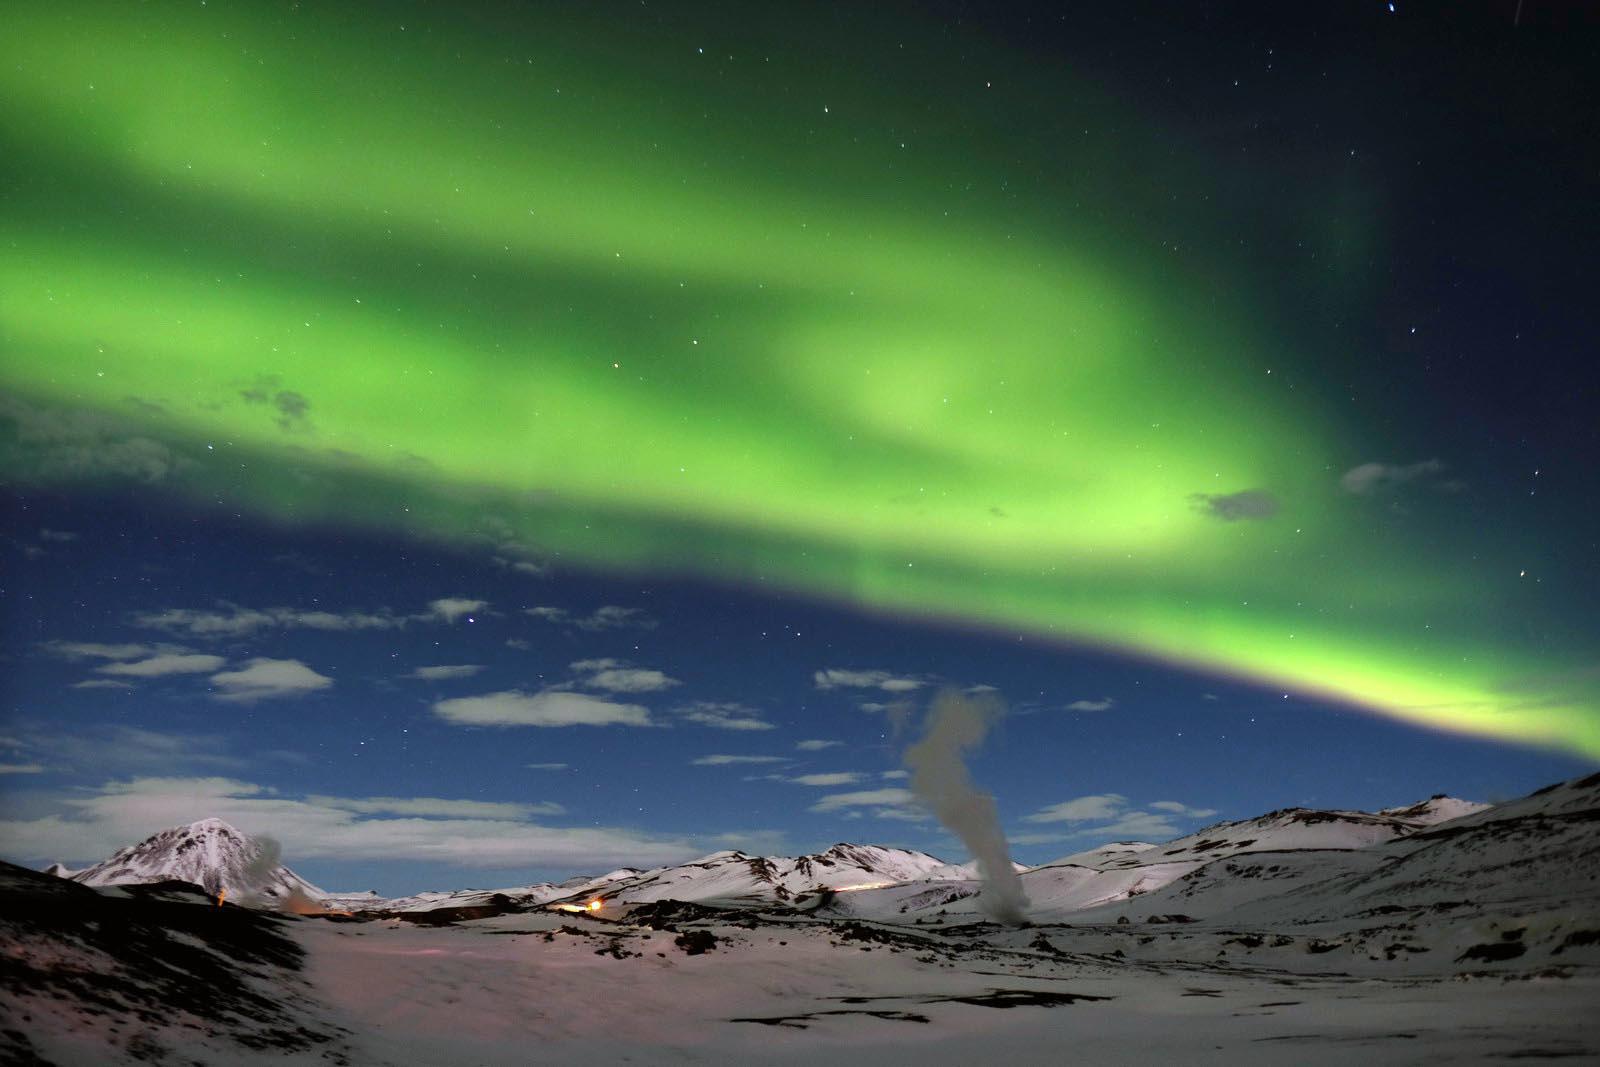 Islanda aurora boreale foto di Luca Bracali